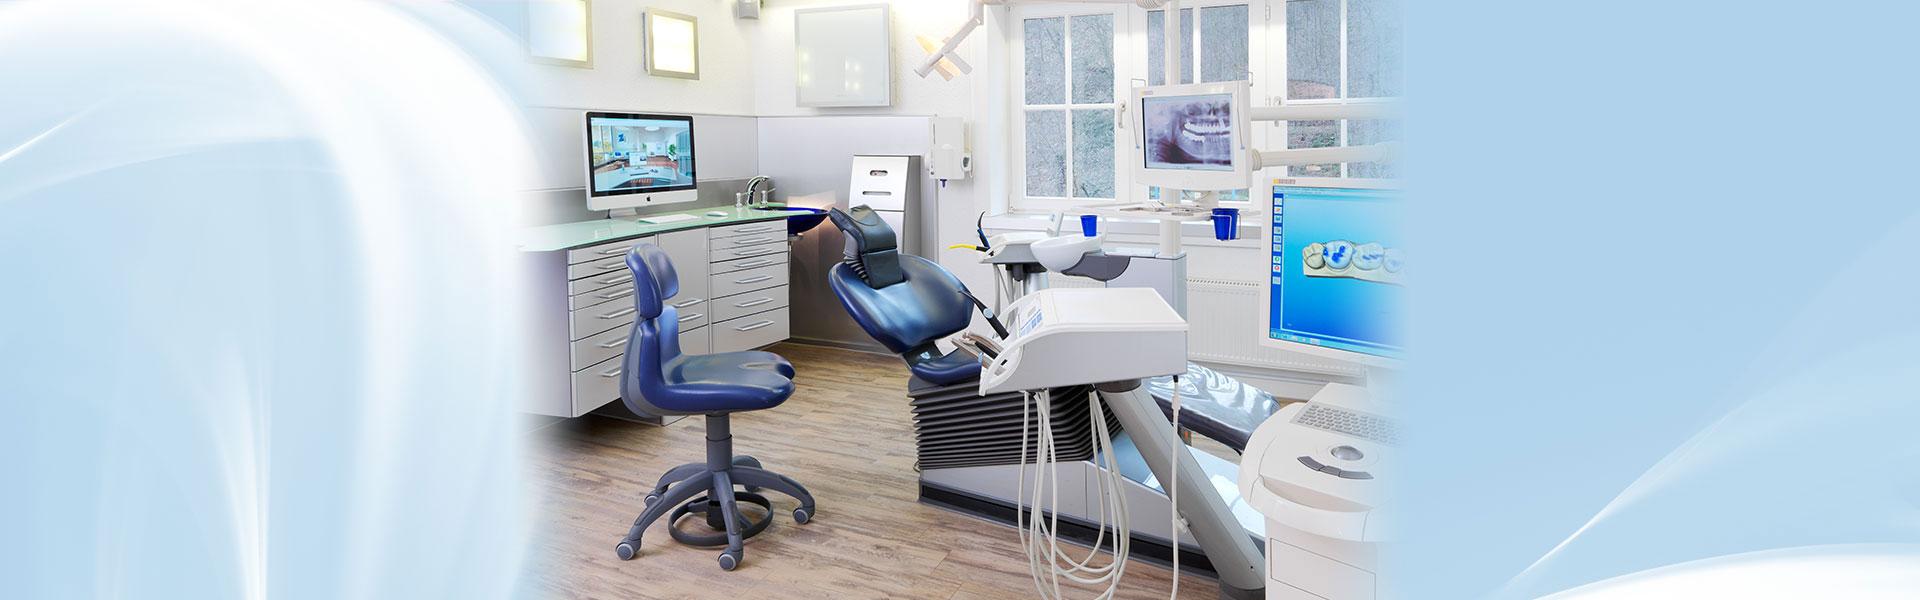 Behandlungszimmer der Zahnärzte für Siegen, Netphen und Umgebung